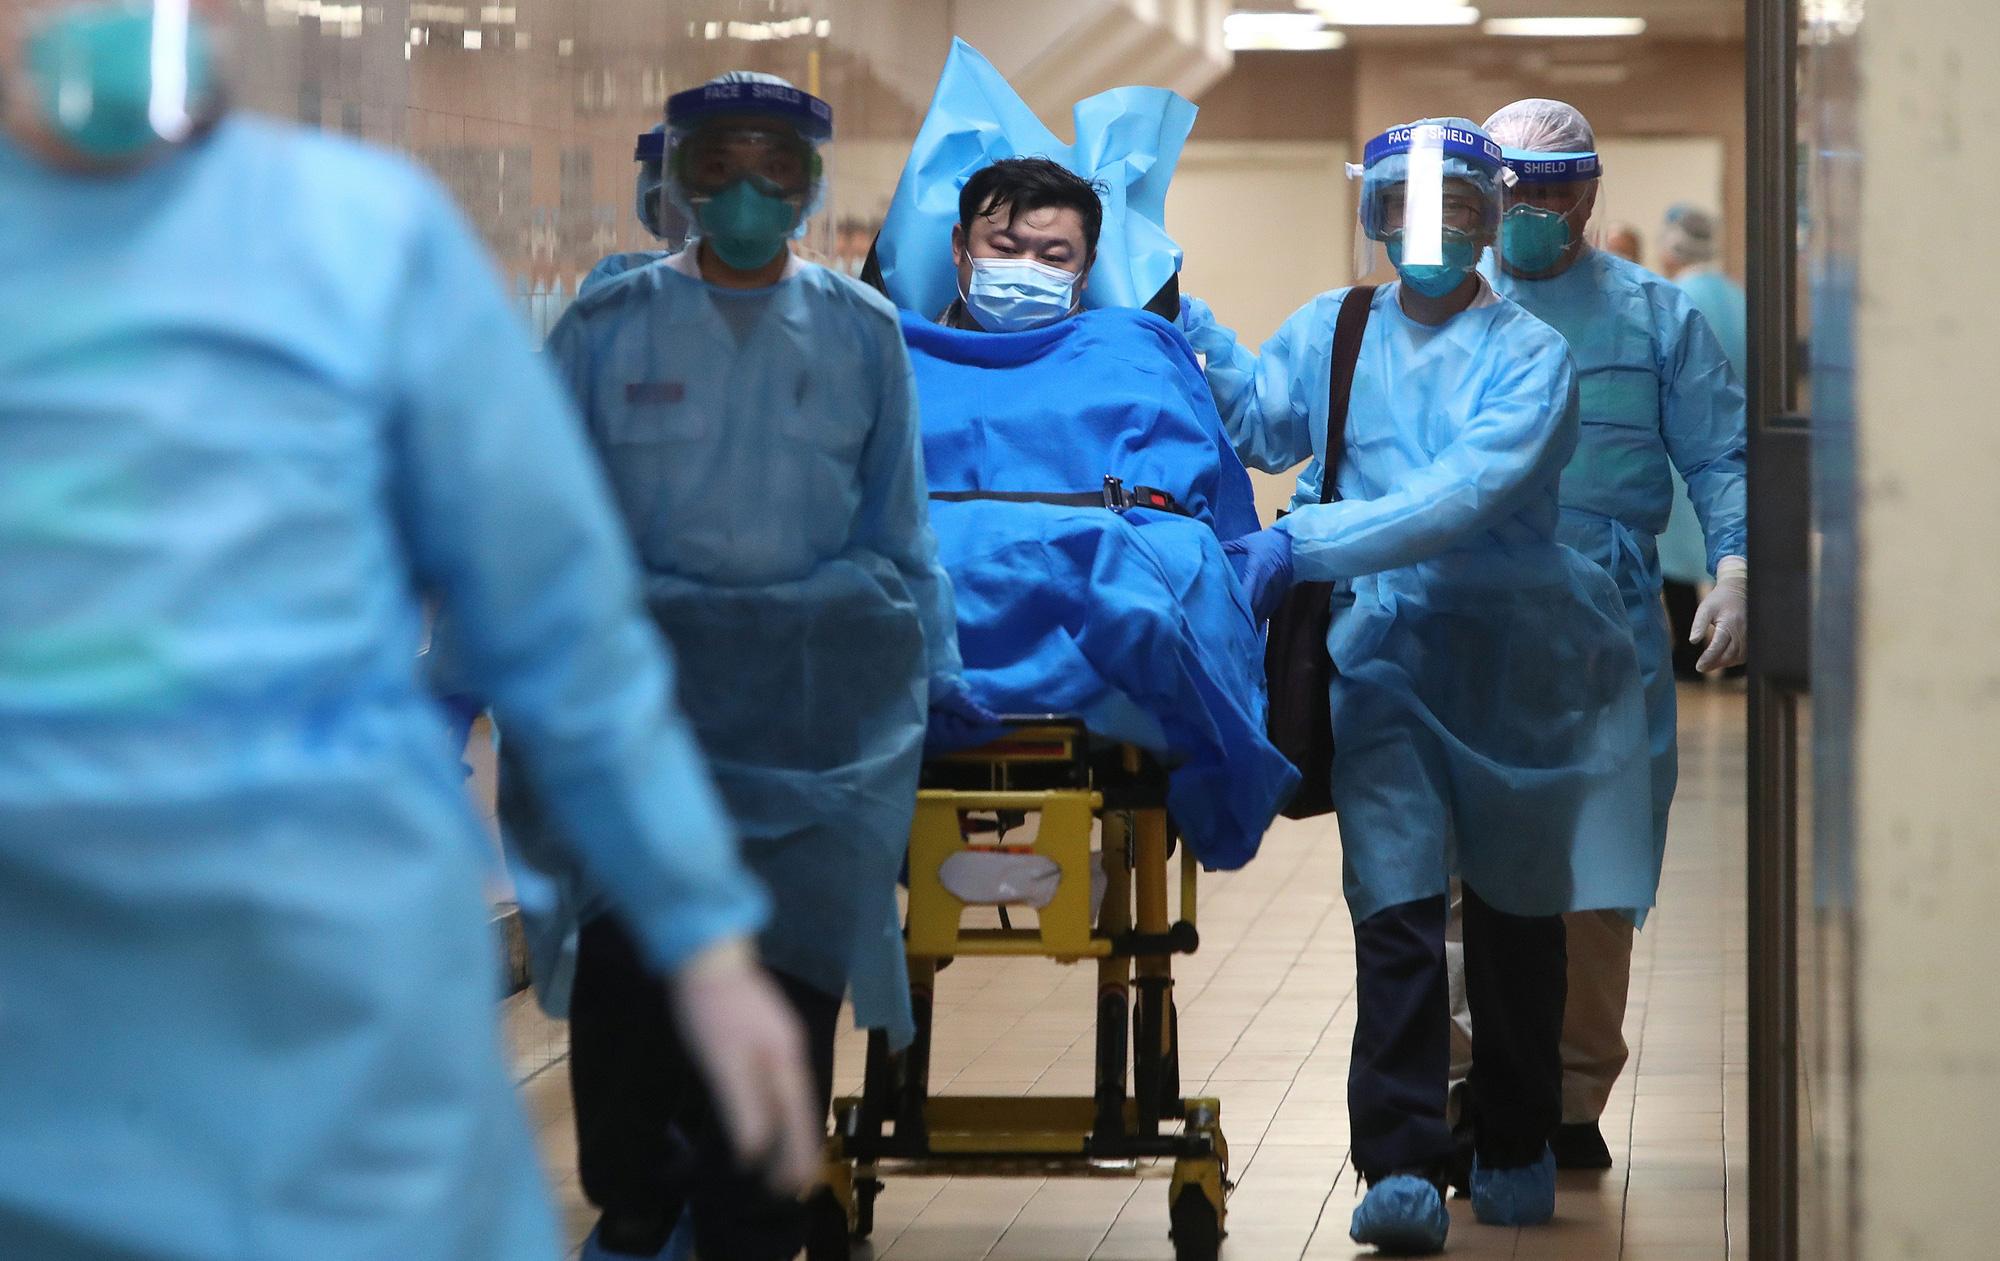 Chạm mốc 1 triệu ca nhiễm toàn cầu: Virus Covid-19 đã lây lan khủng khiếp ra sao? - Ảnh 3.